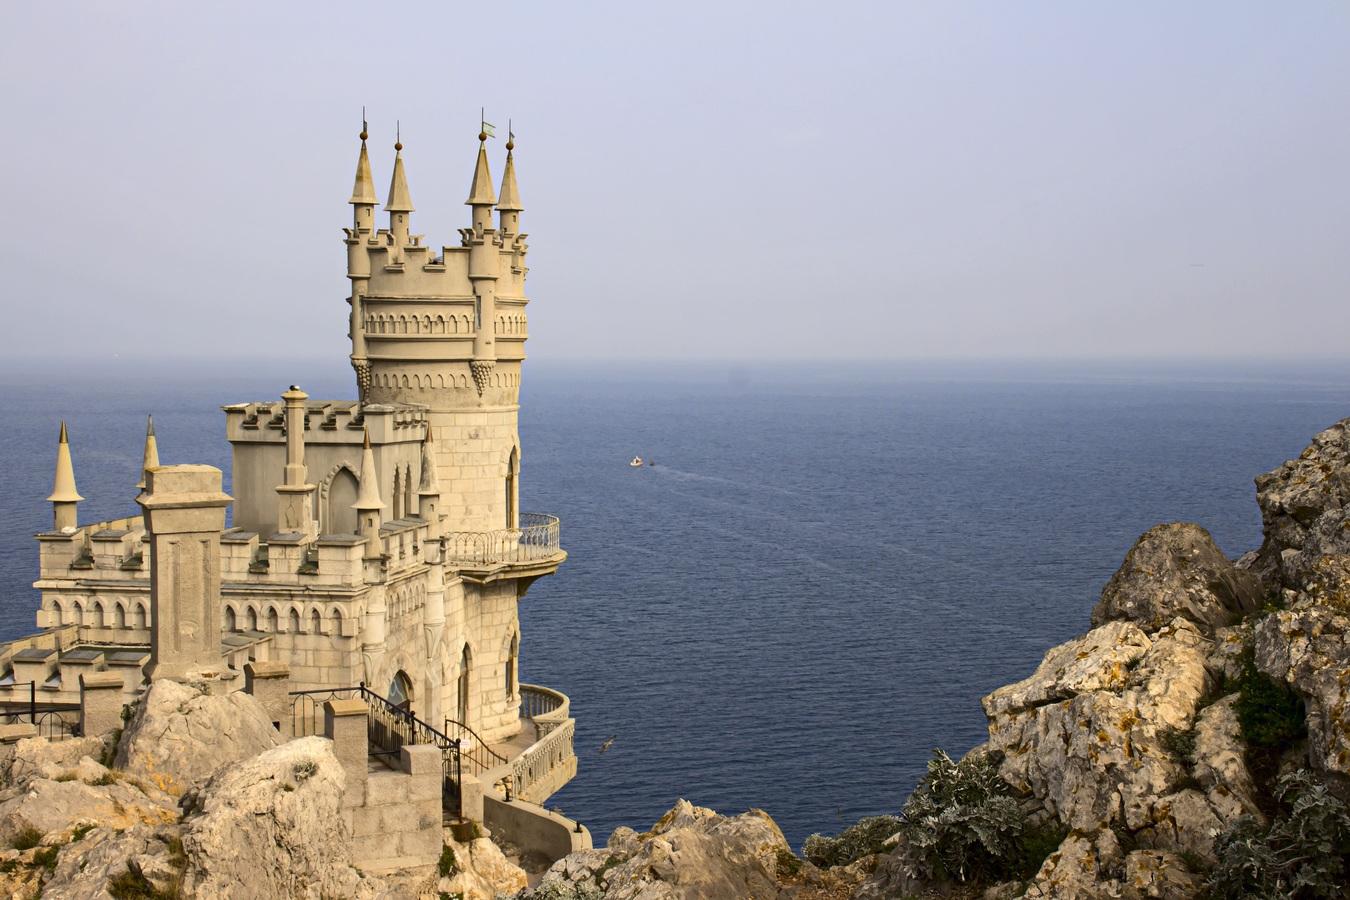 Крымский гид назвал обязательные места для посещения на полуострове